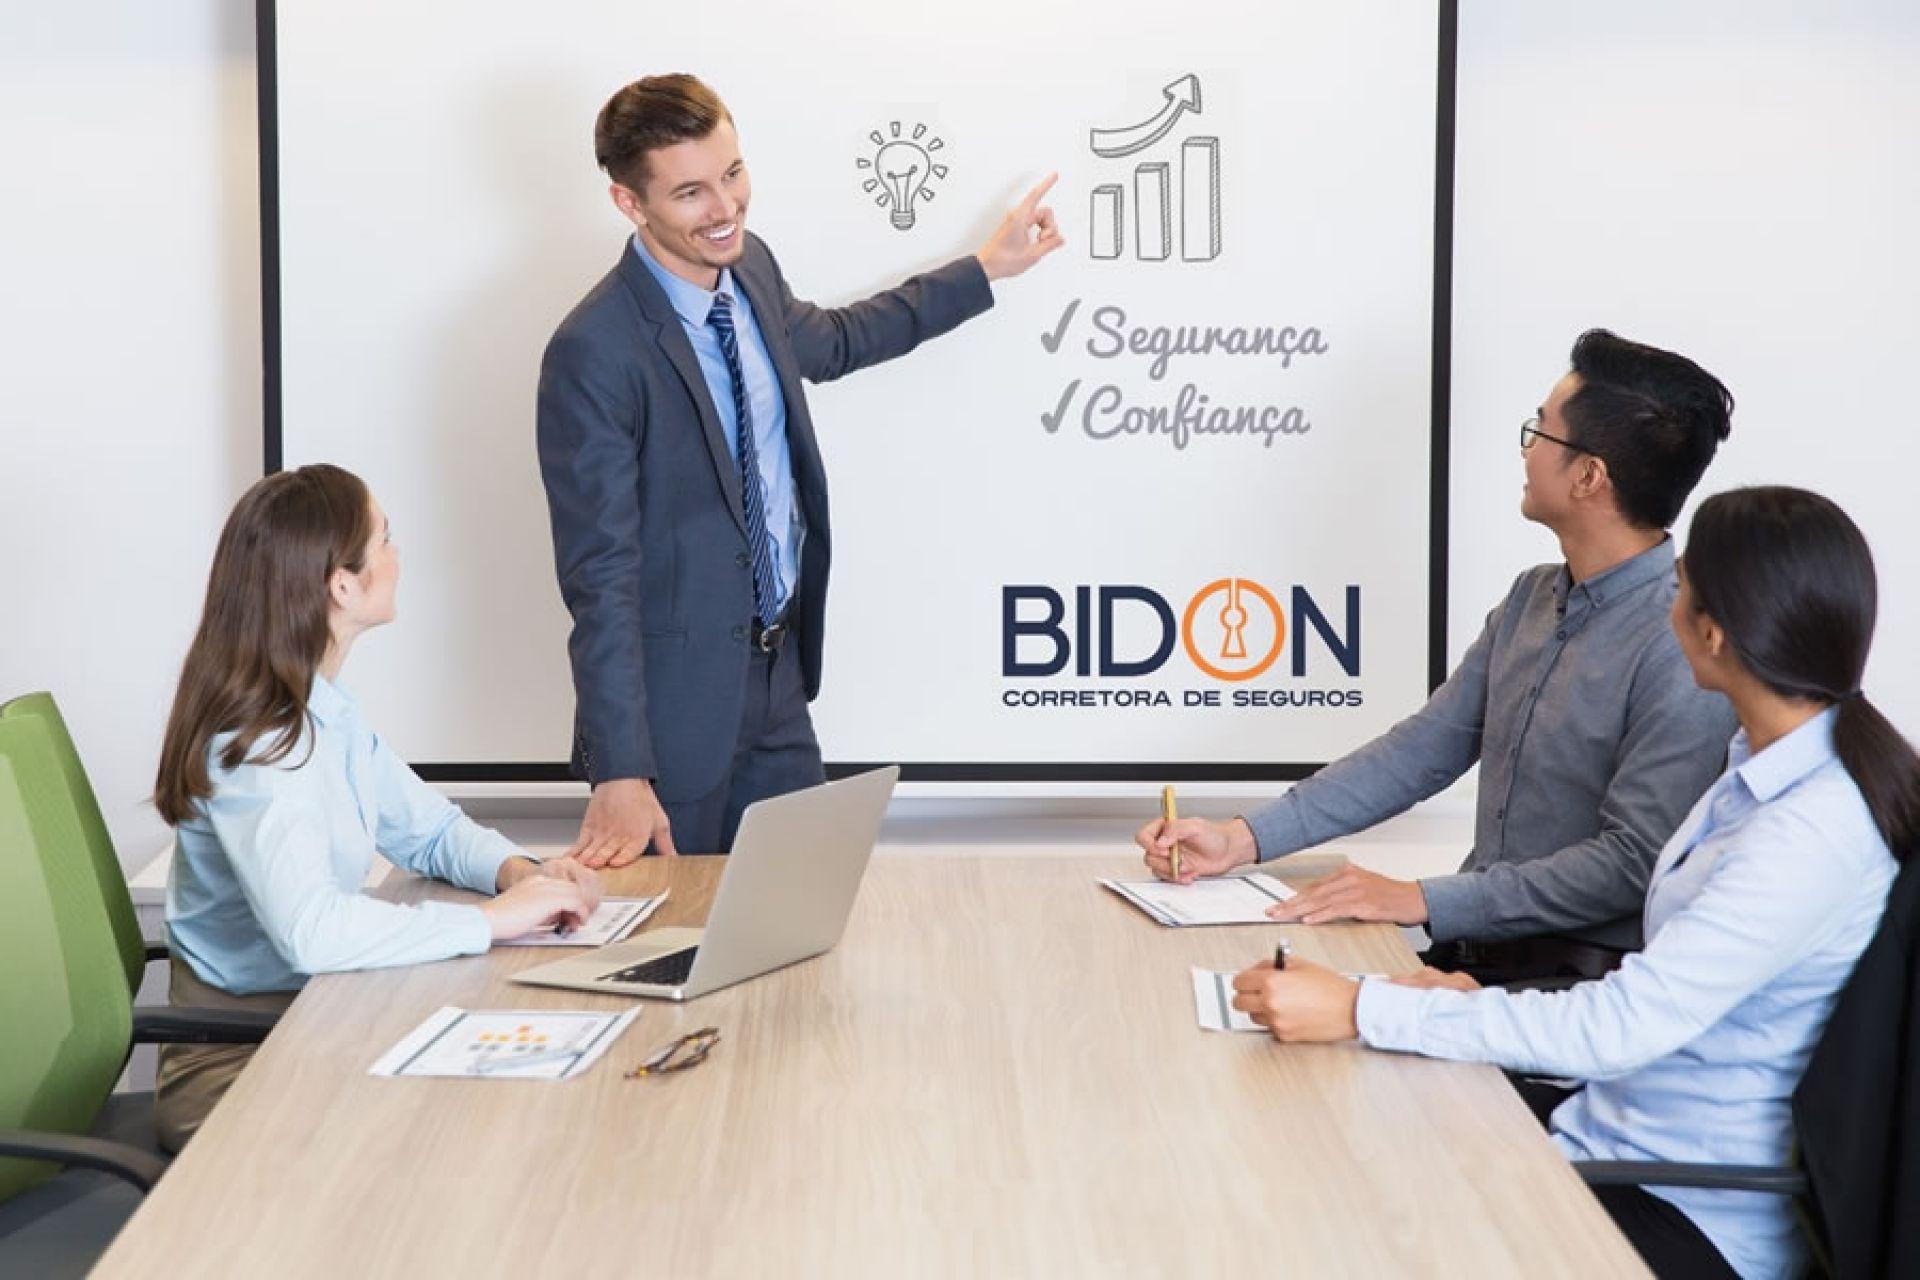 Franqueada Bidon planeja fechar o ano com faturamento de R$ 360 mil